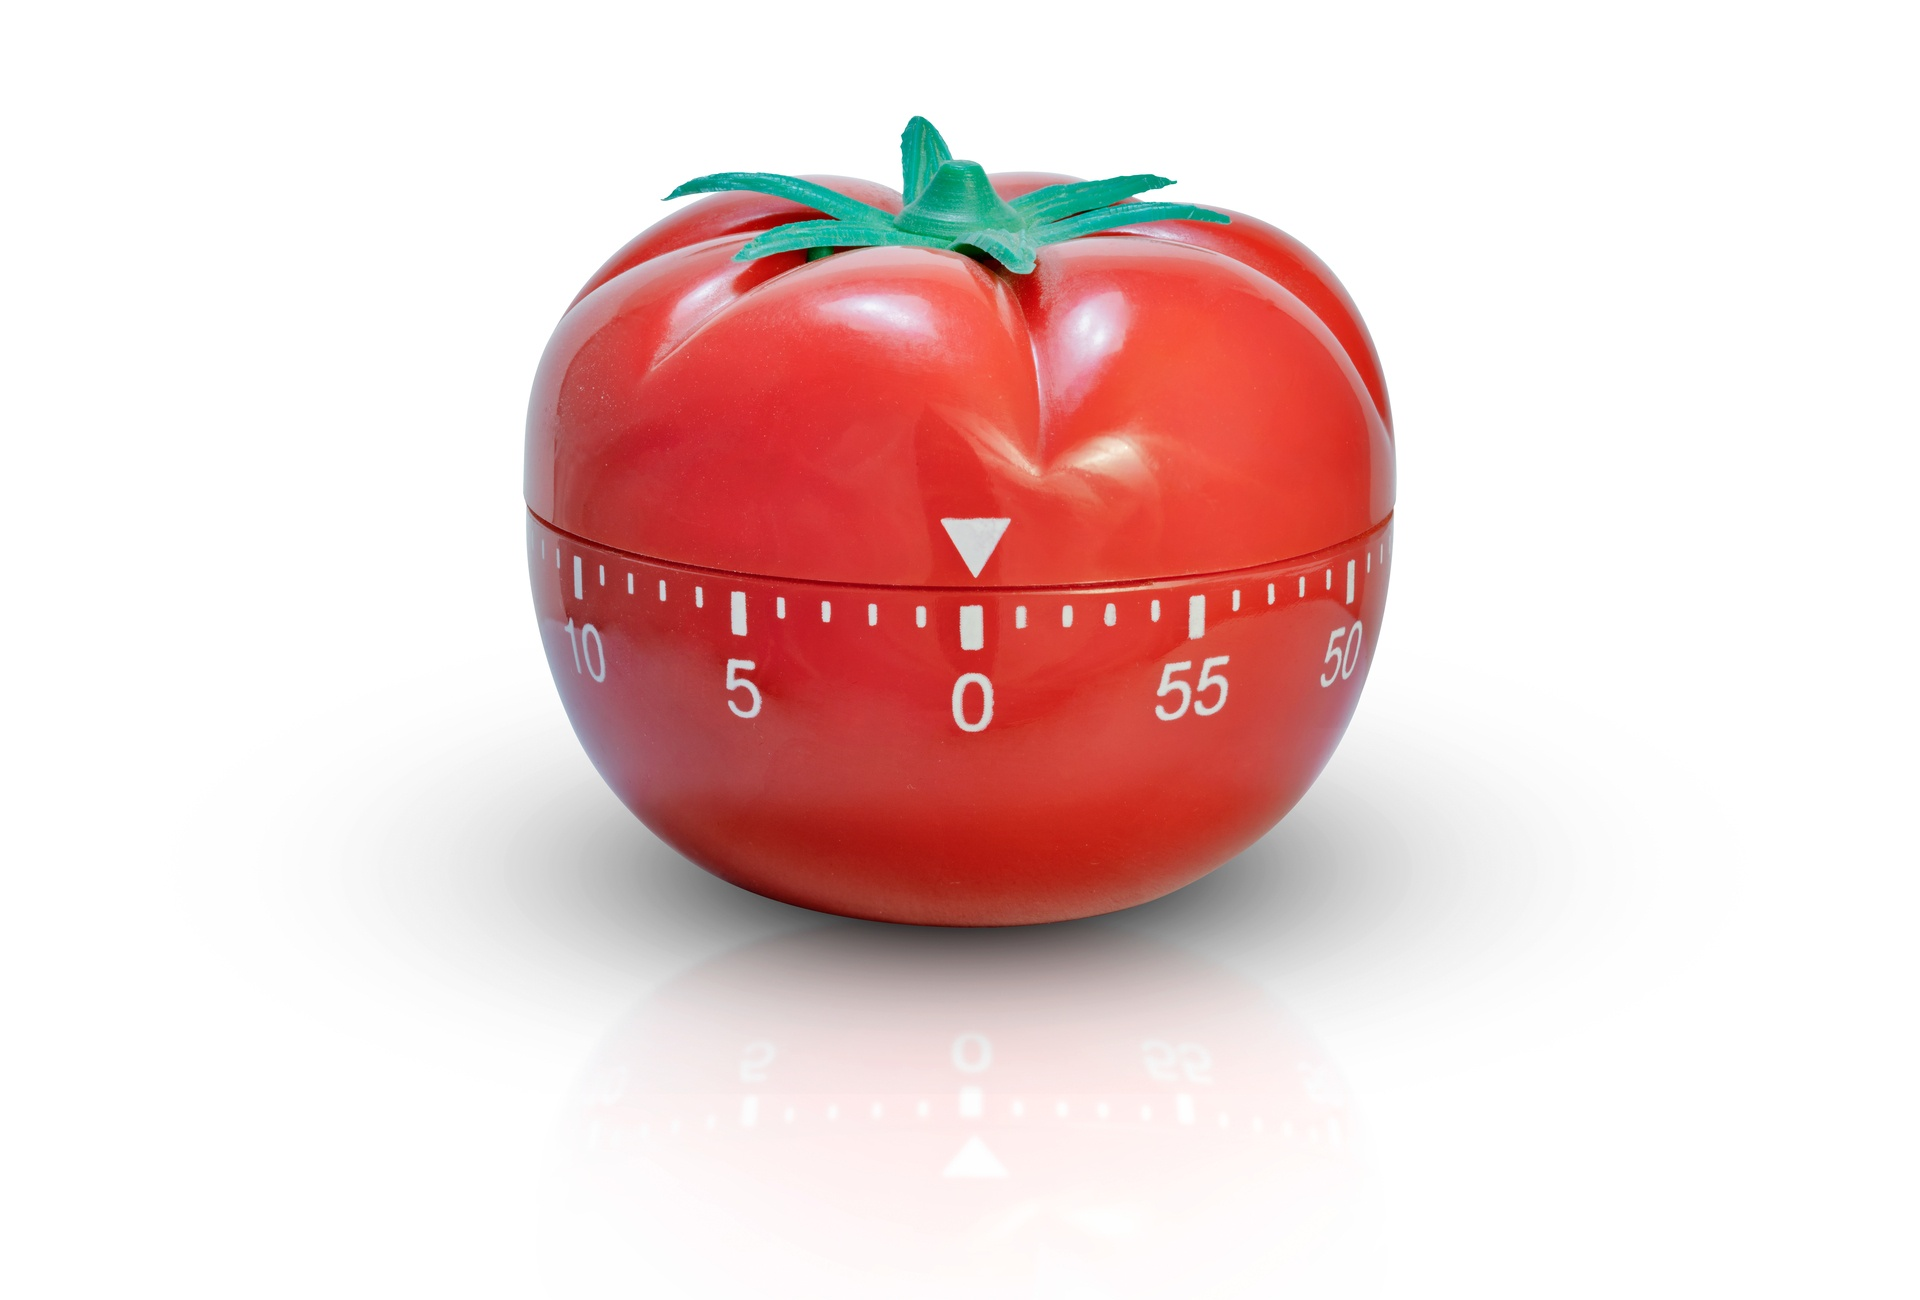 reloj temporizador pomodoro